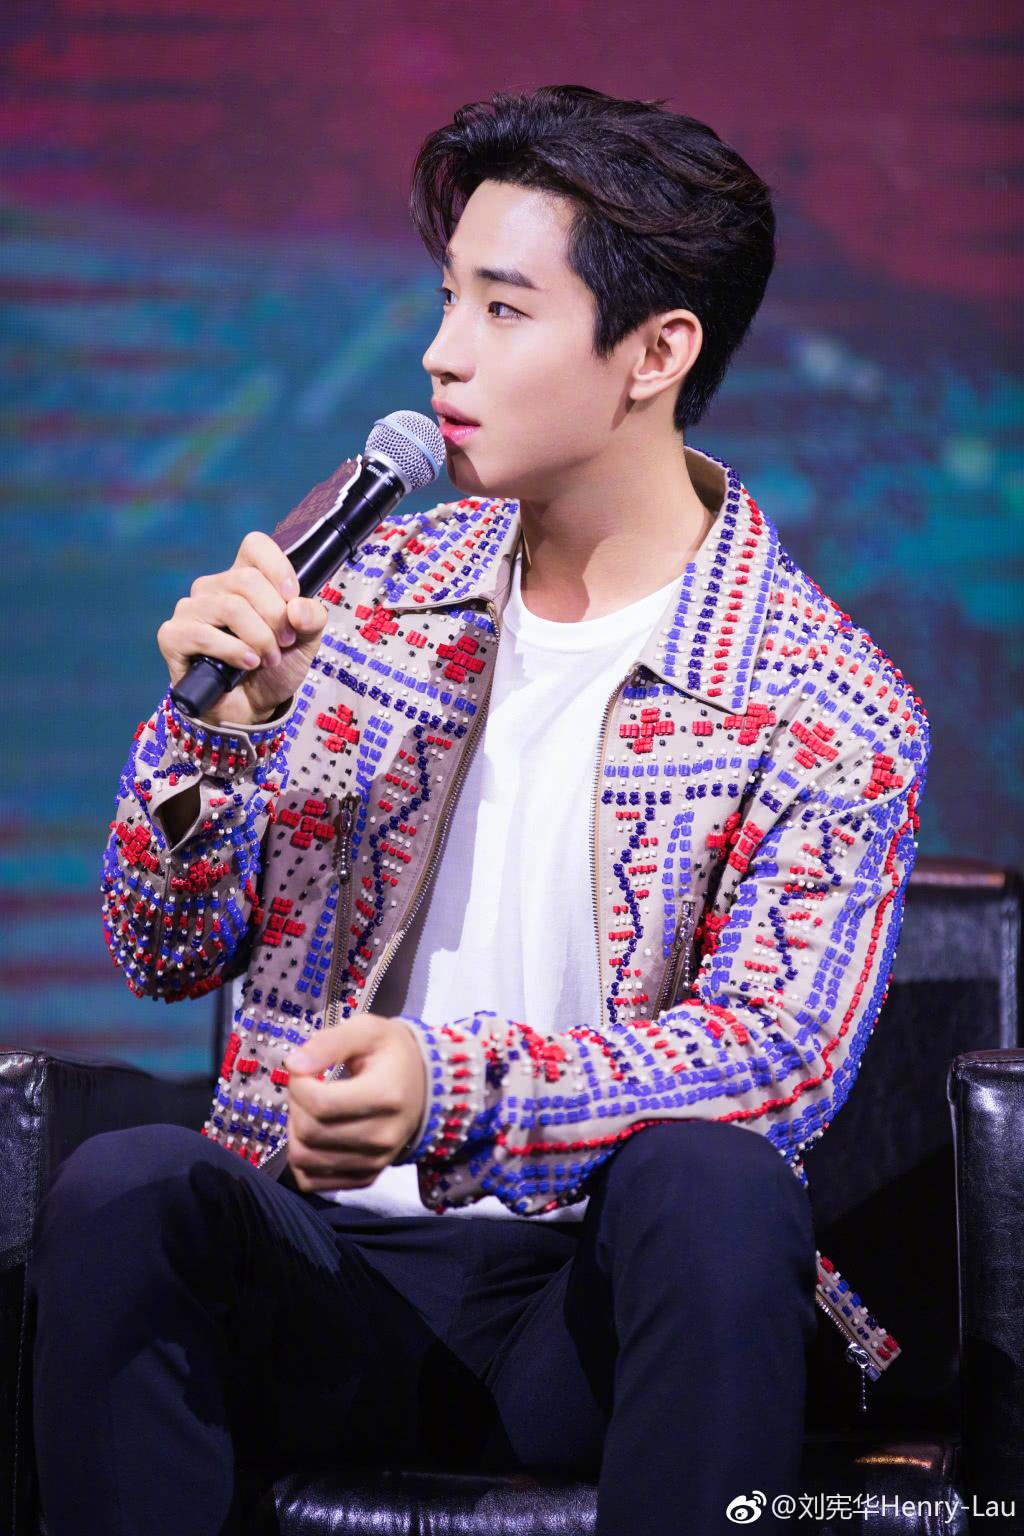 178的刘宪华,西装阔腿裤穿成188大长腿,网友:说好的五五开呢!